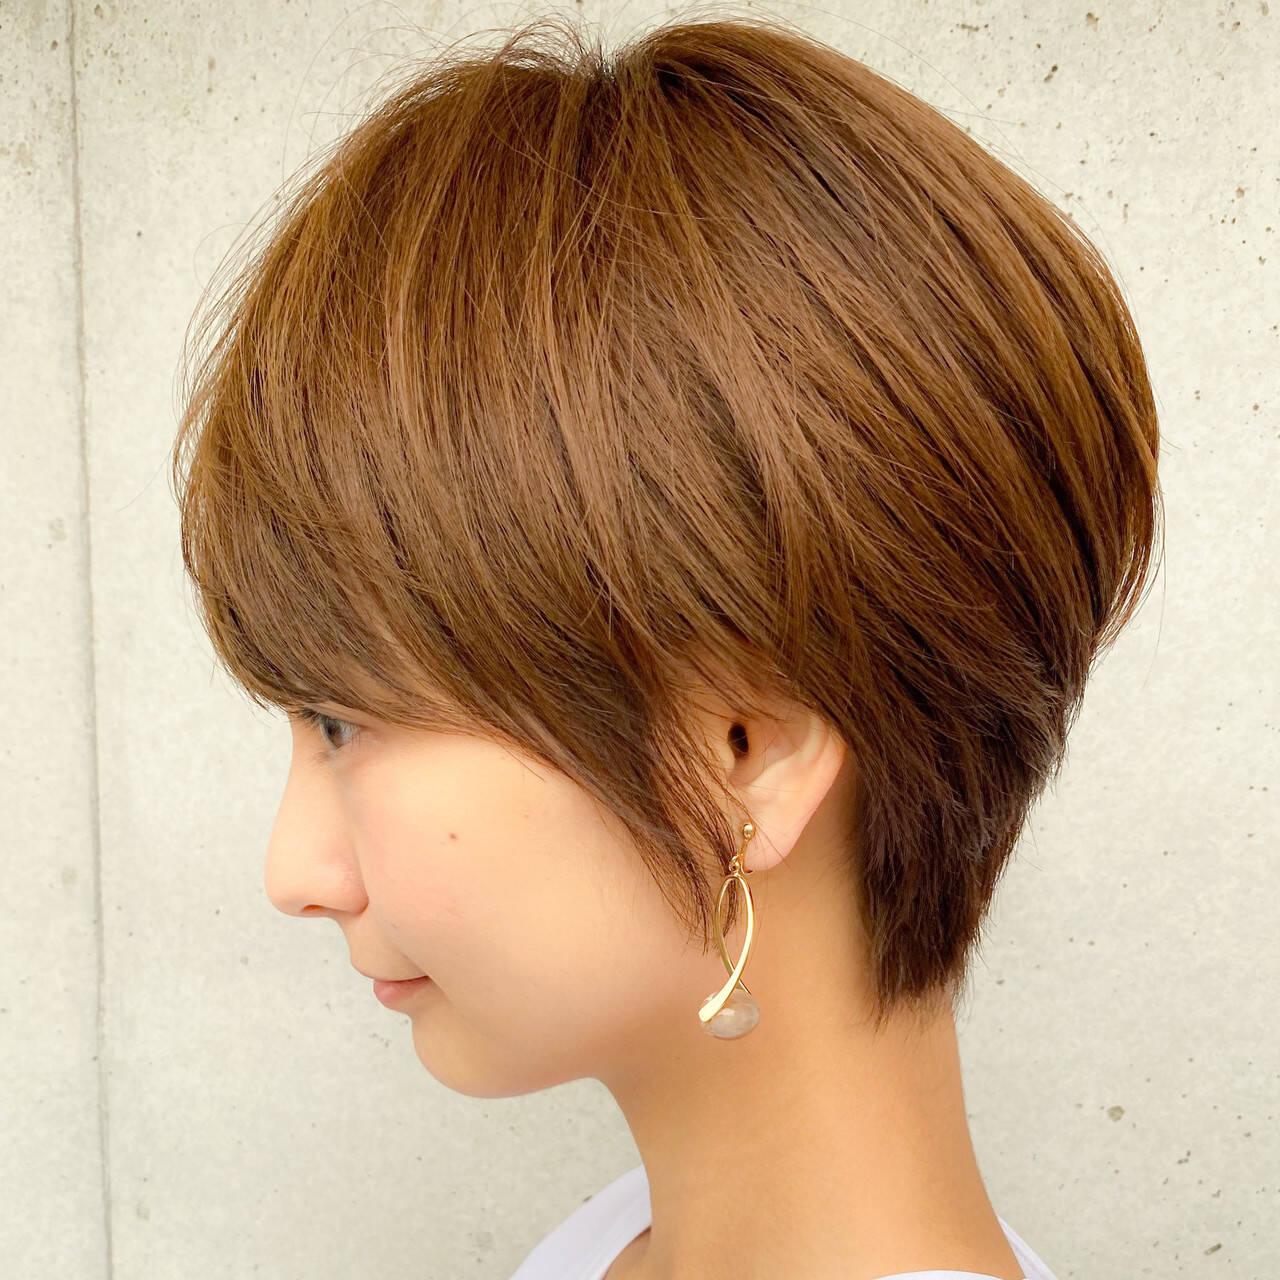 大人かわいい ショートボブ ミニボブ 透明感カラーヘアスタイルや髪型の写真・画像